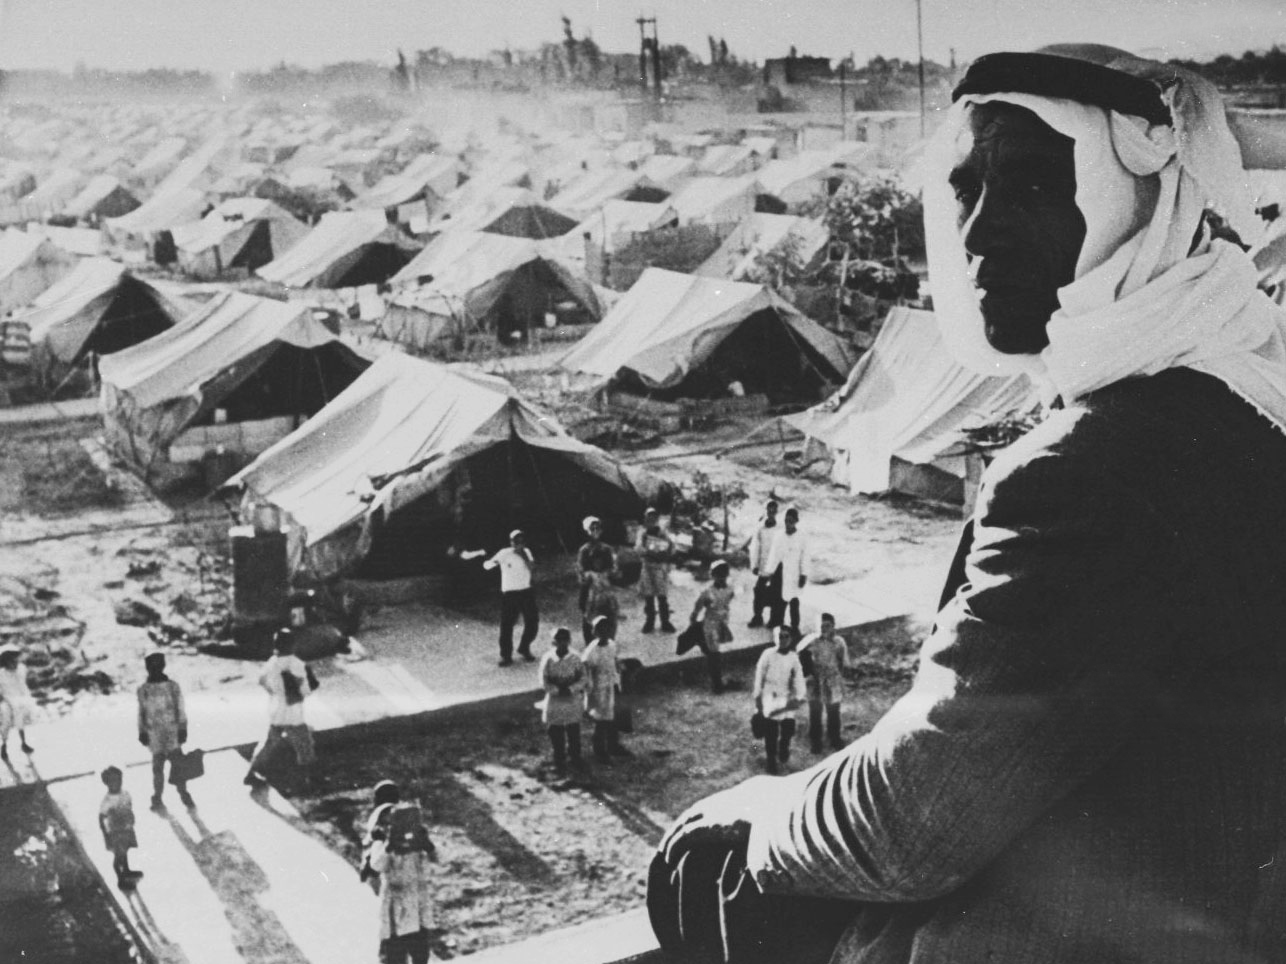 إسرائيل تحيي «الذكرى الأولى» لـ«تهجير اليهود من الدول العربية»!